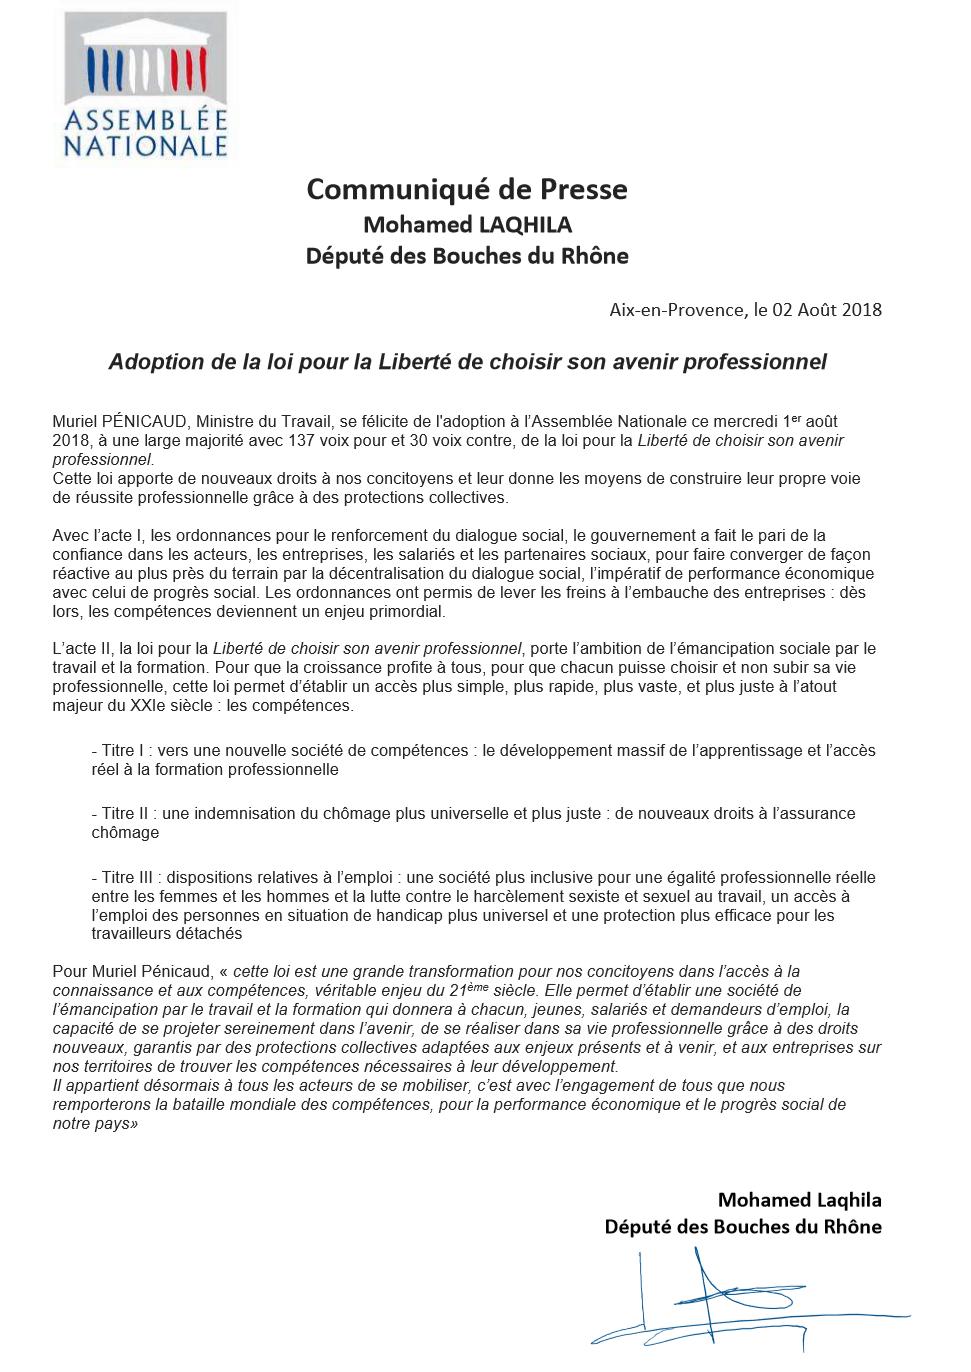 Adoption De La Loi Pour La Liberté De Choisir Son Avenir Professionnel